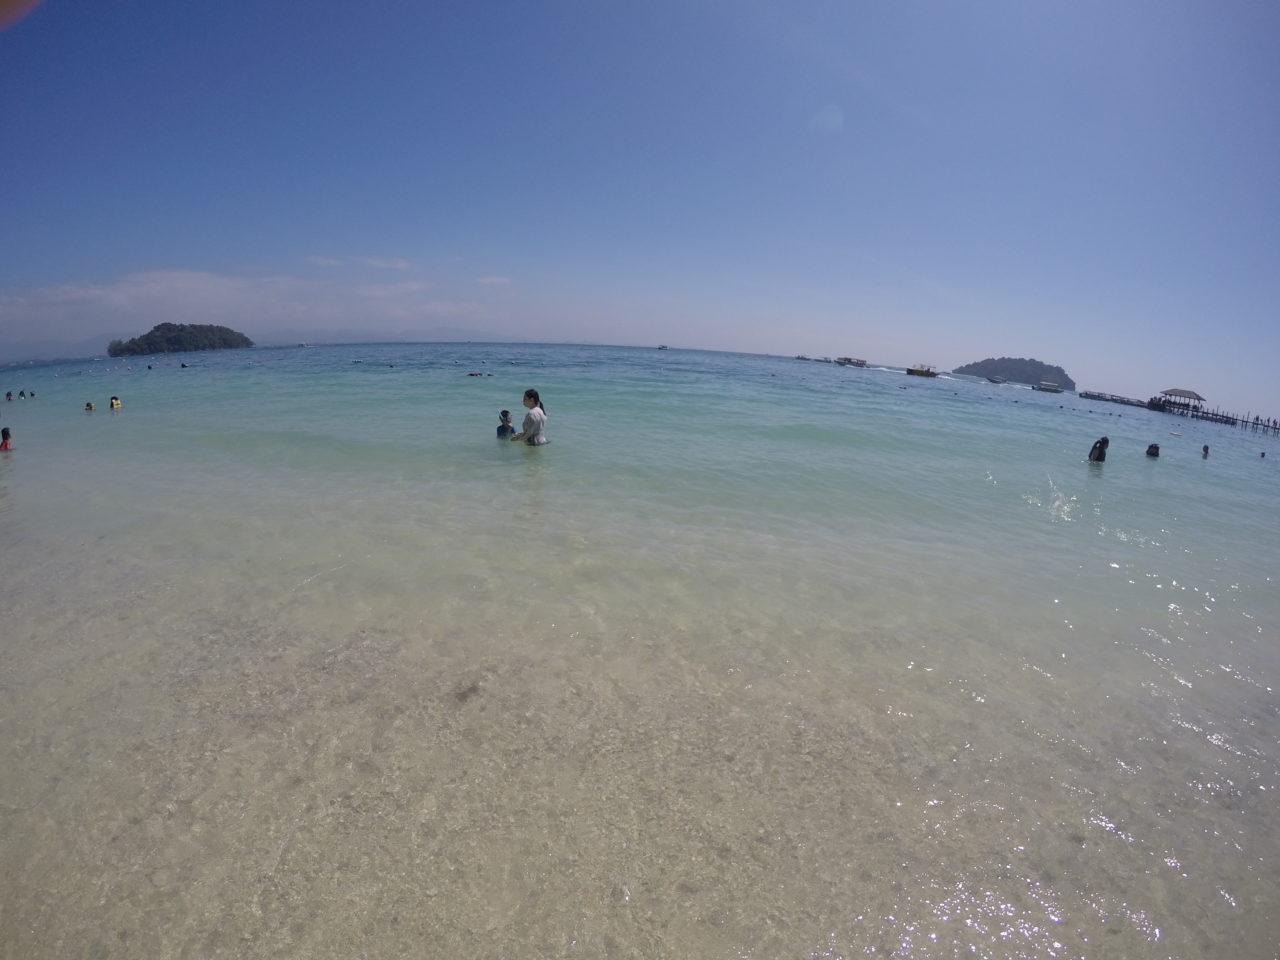 マヌカン島の海